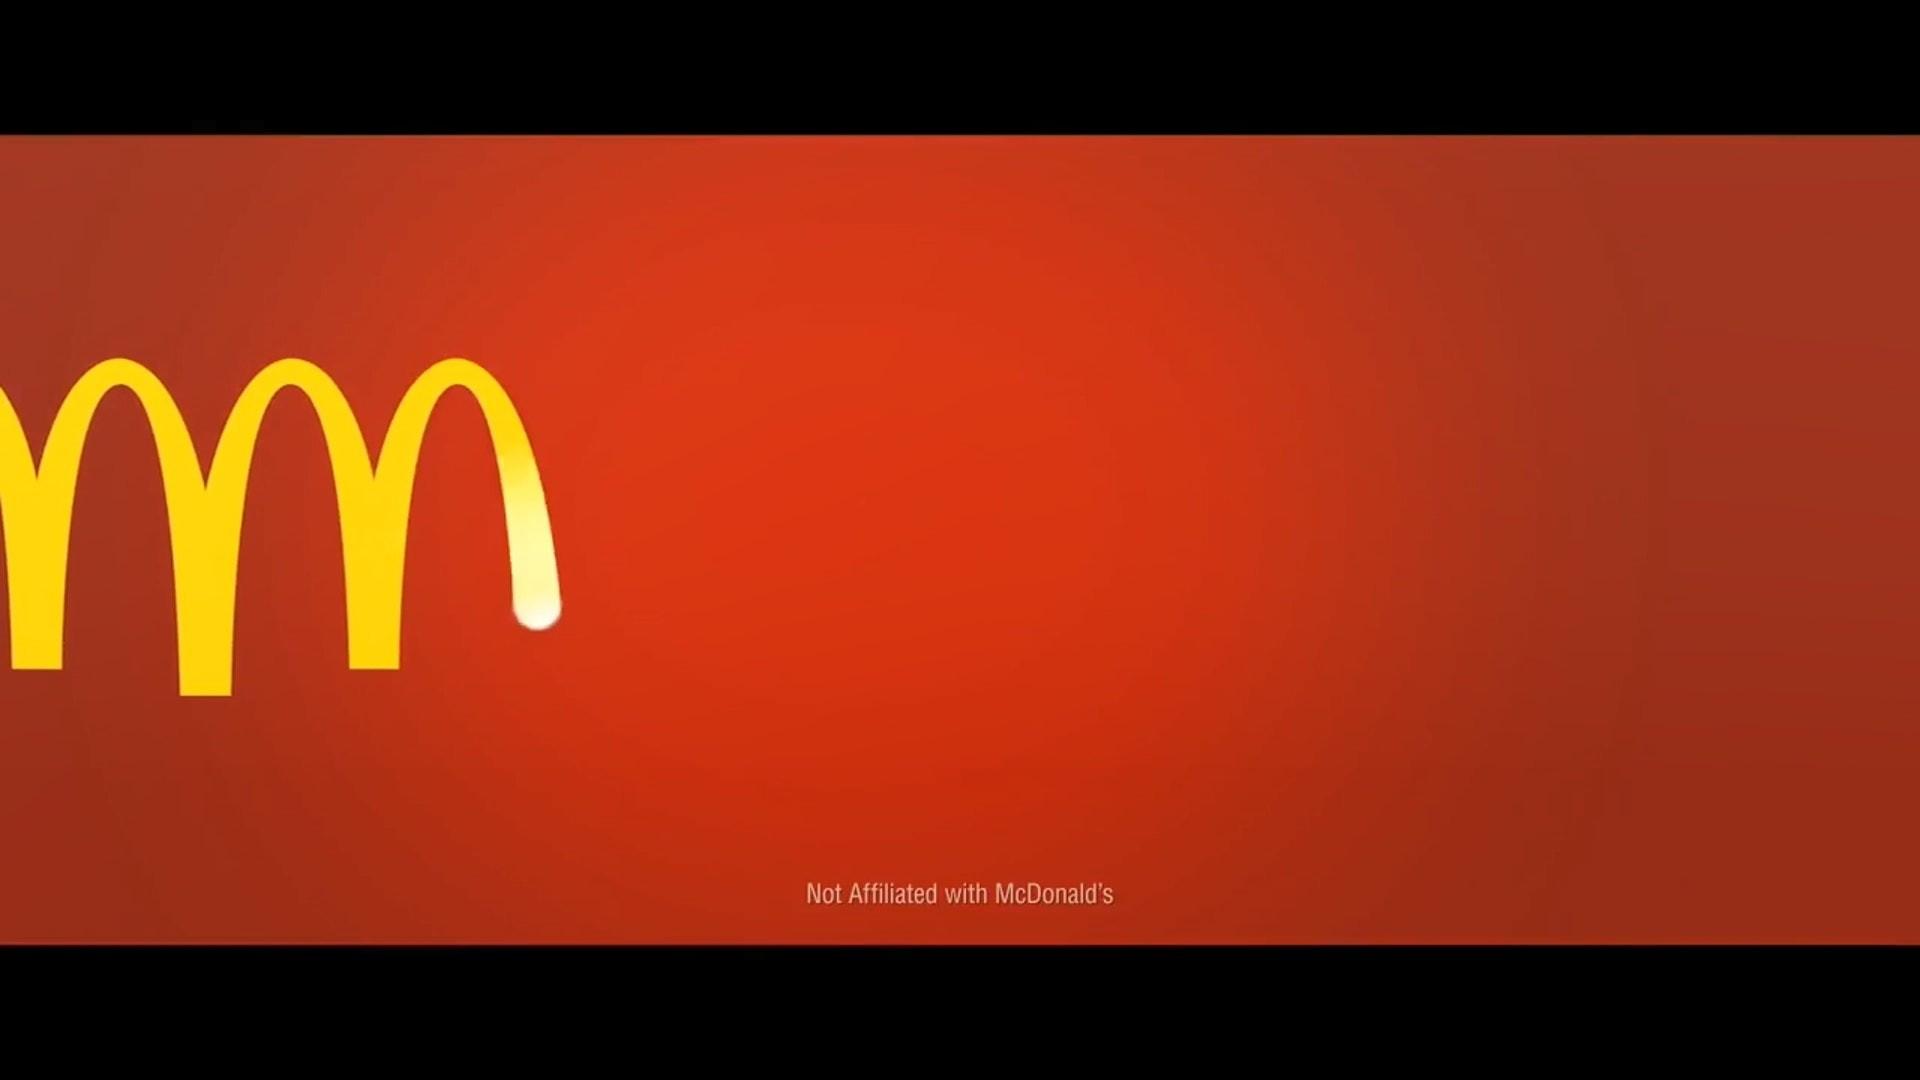 大檸檬用圖(圖/翻攝自youtube@SUBWAY Restaurants)